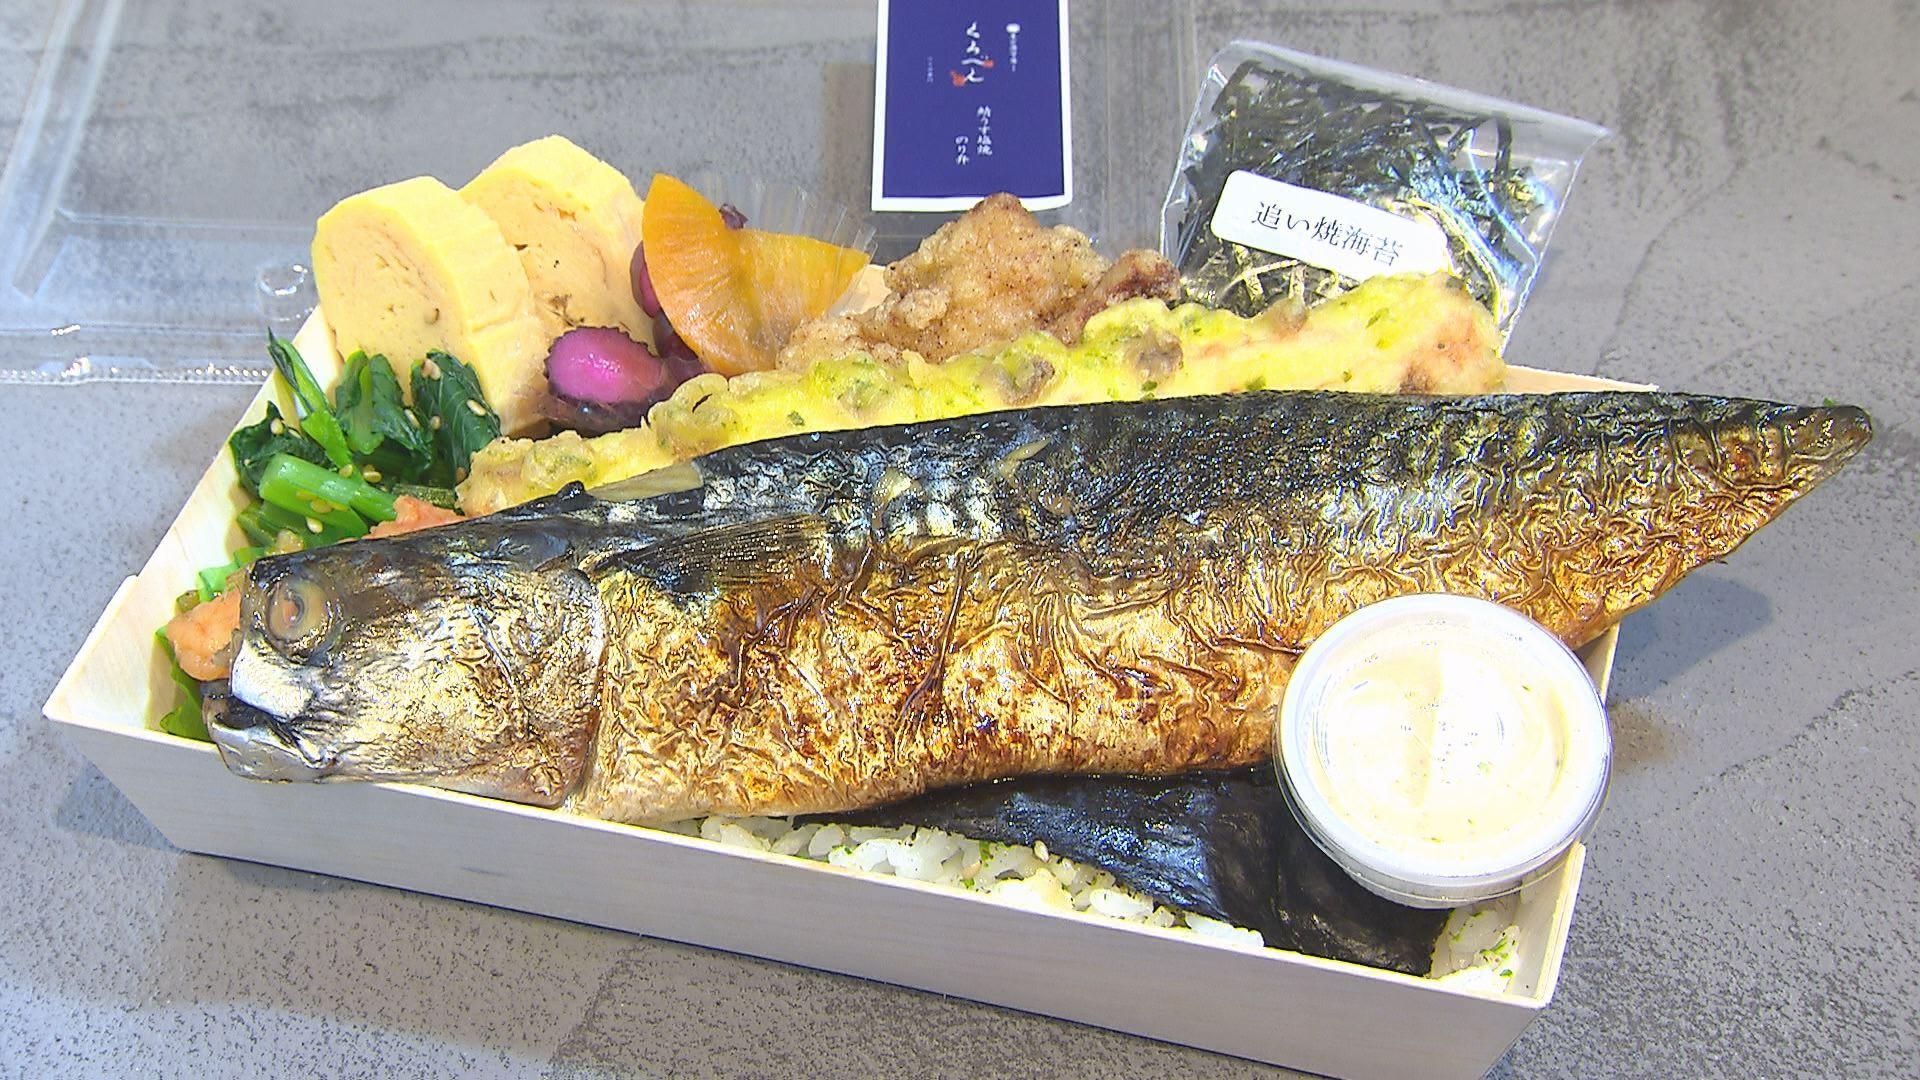 鯖うす塩焼のり弁(840円)